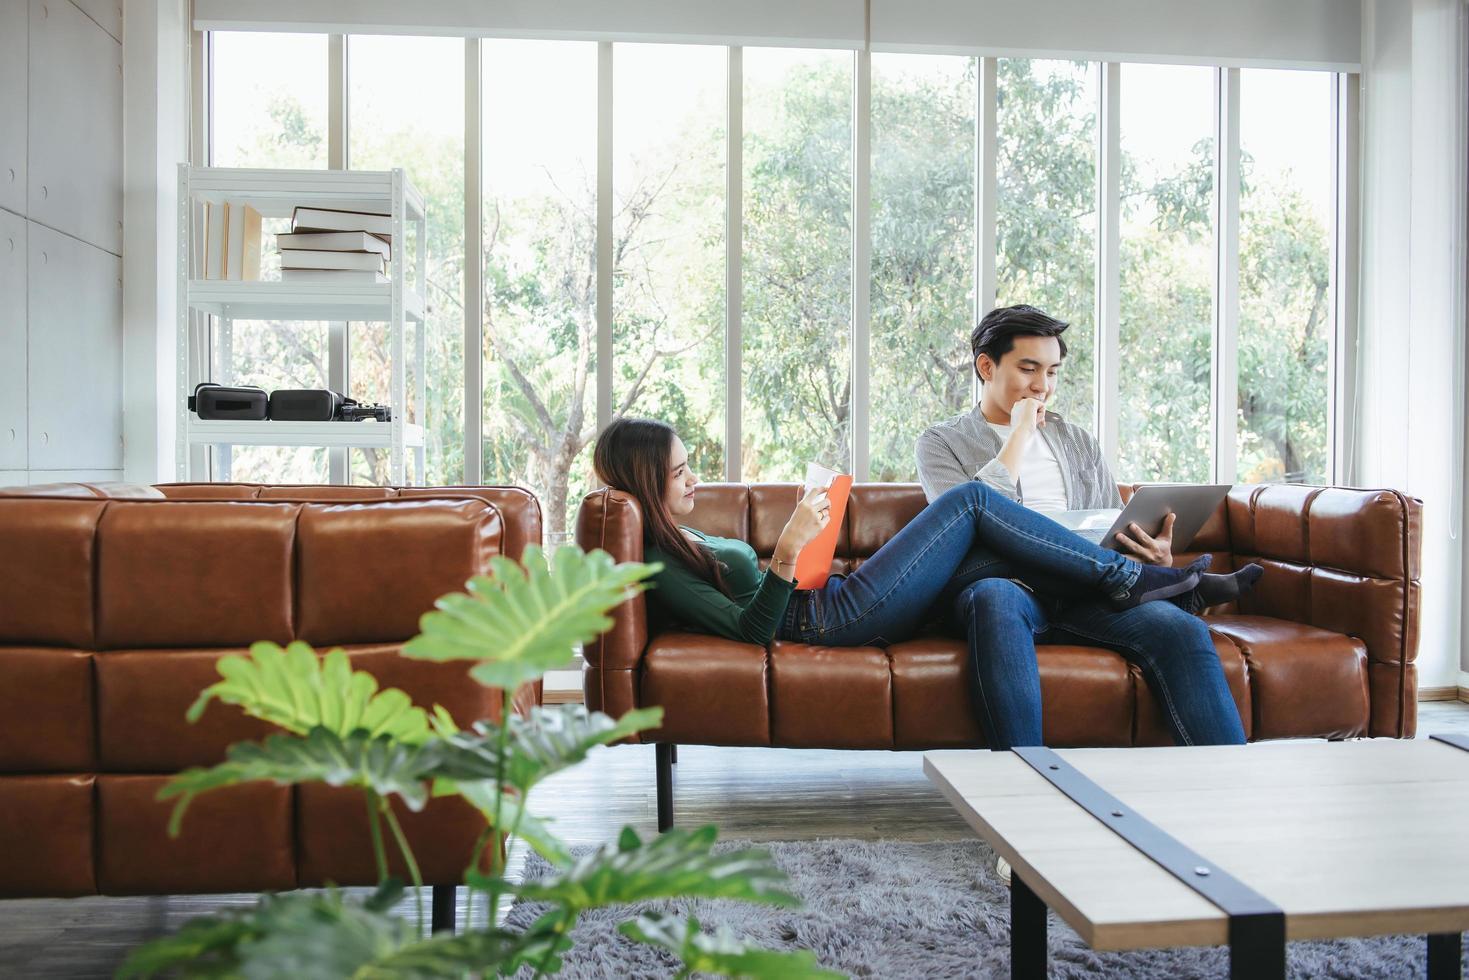 Pareja descansando en el sofá en su casa foto